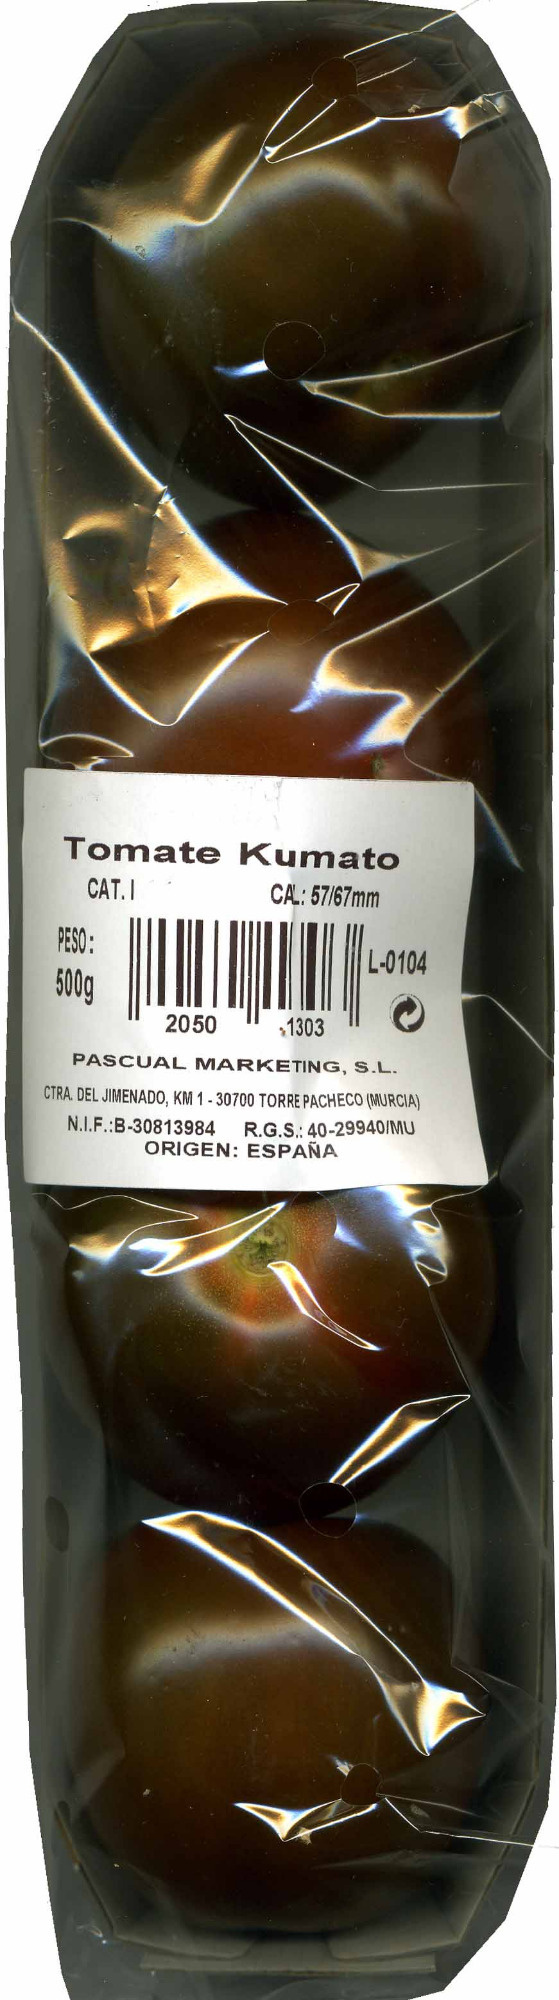 Tomates Kumato - Product - es